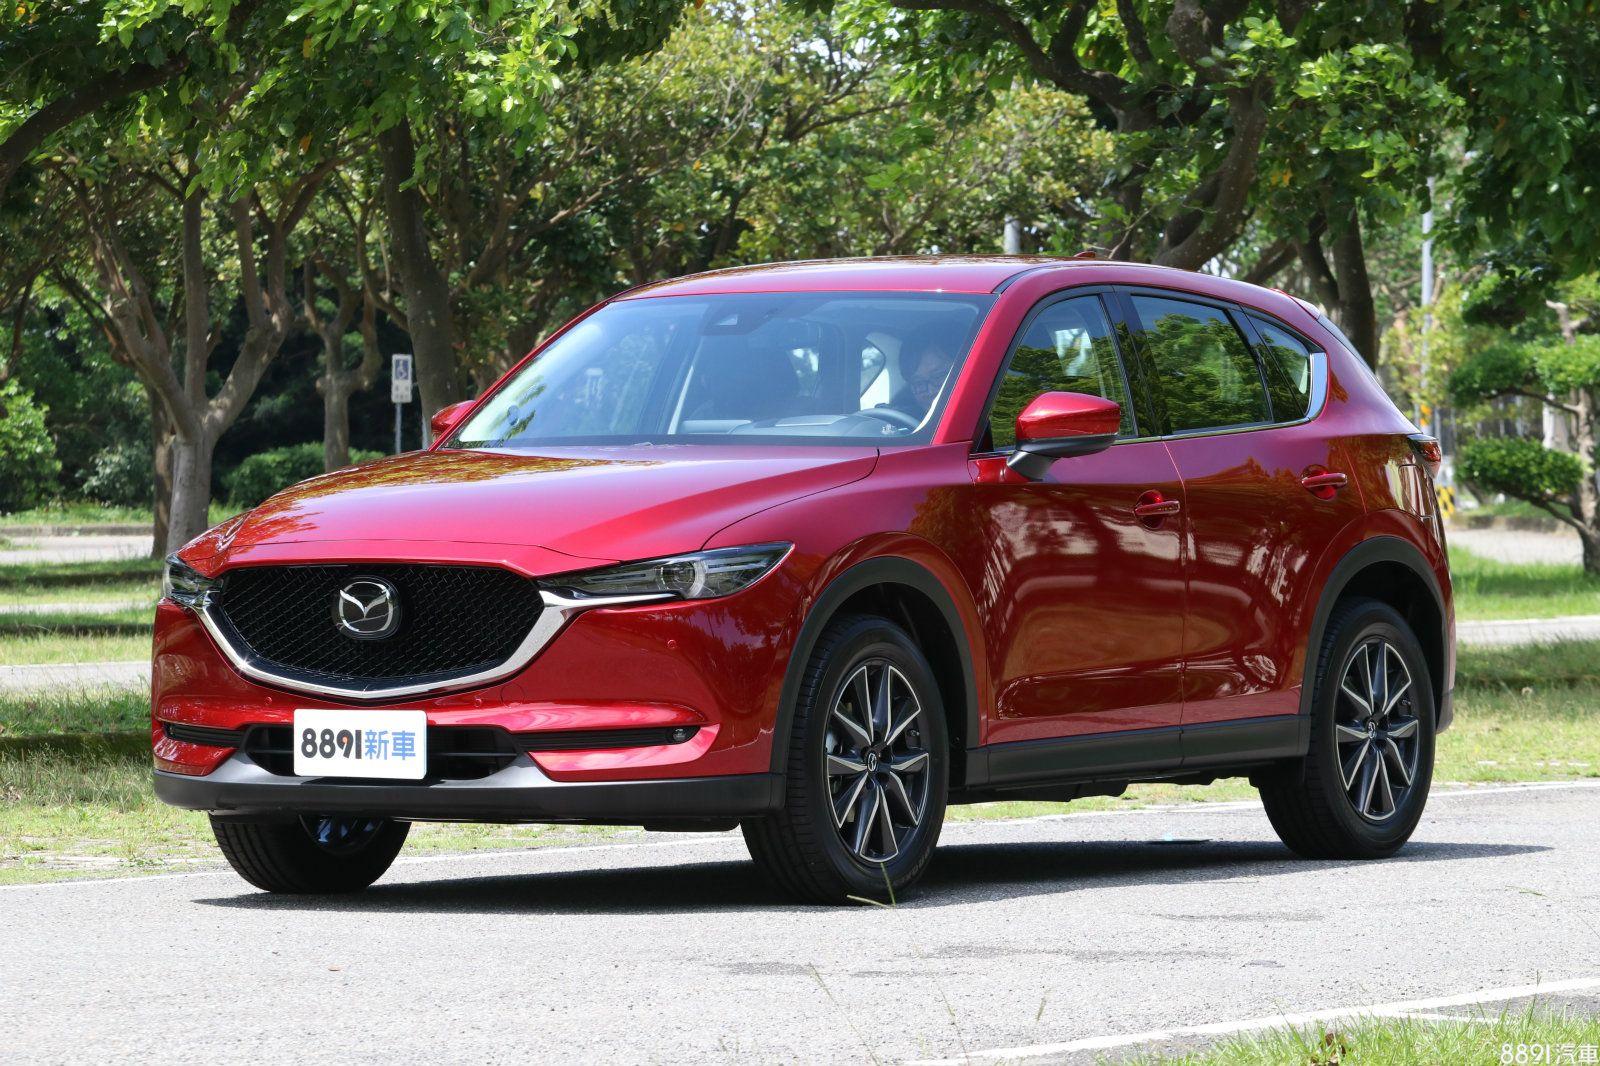 Mazda 2019 Cx 5 Sky G 2wd 豪華型汽車圖 汽車圖片 8891新車